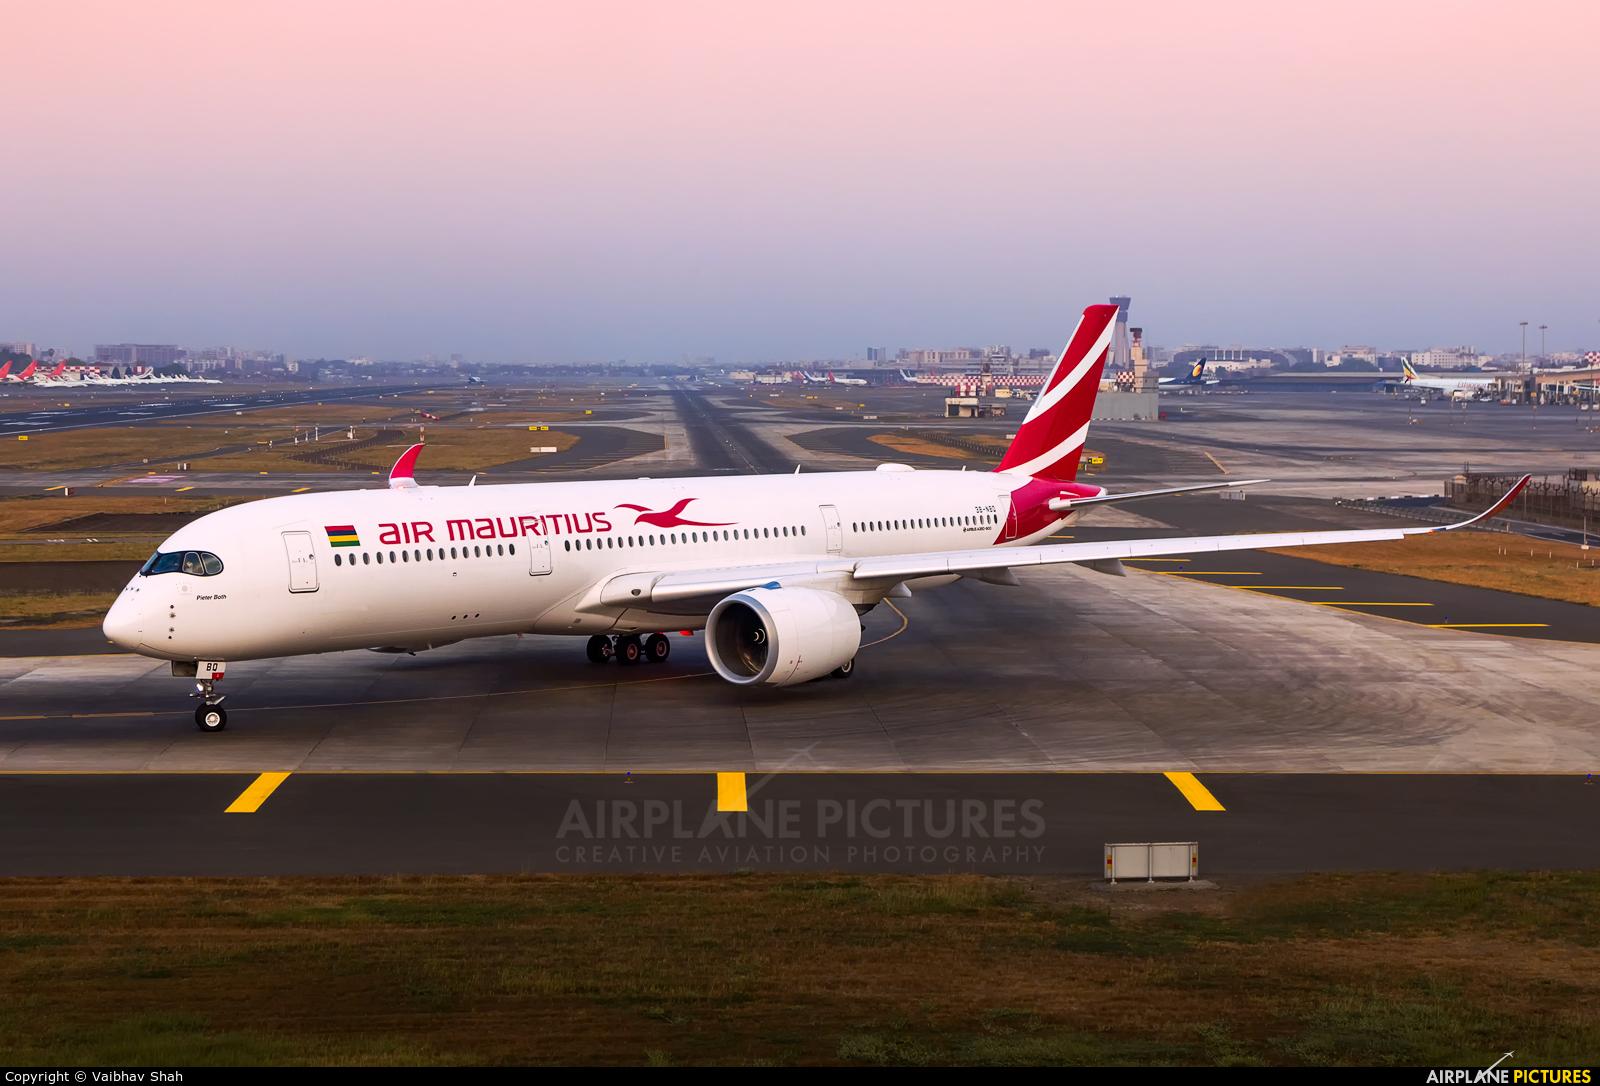 Air Mauritius 3B-NBQ aircraft at Mumbai - Chhatrapati Shivaji Intl